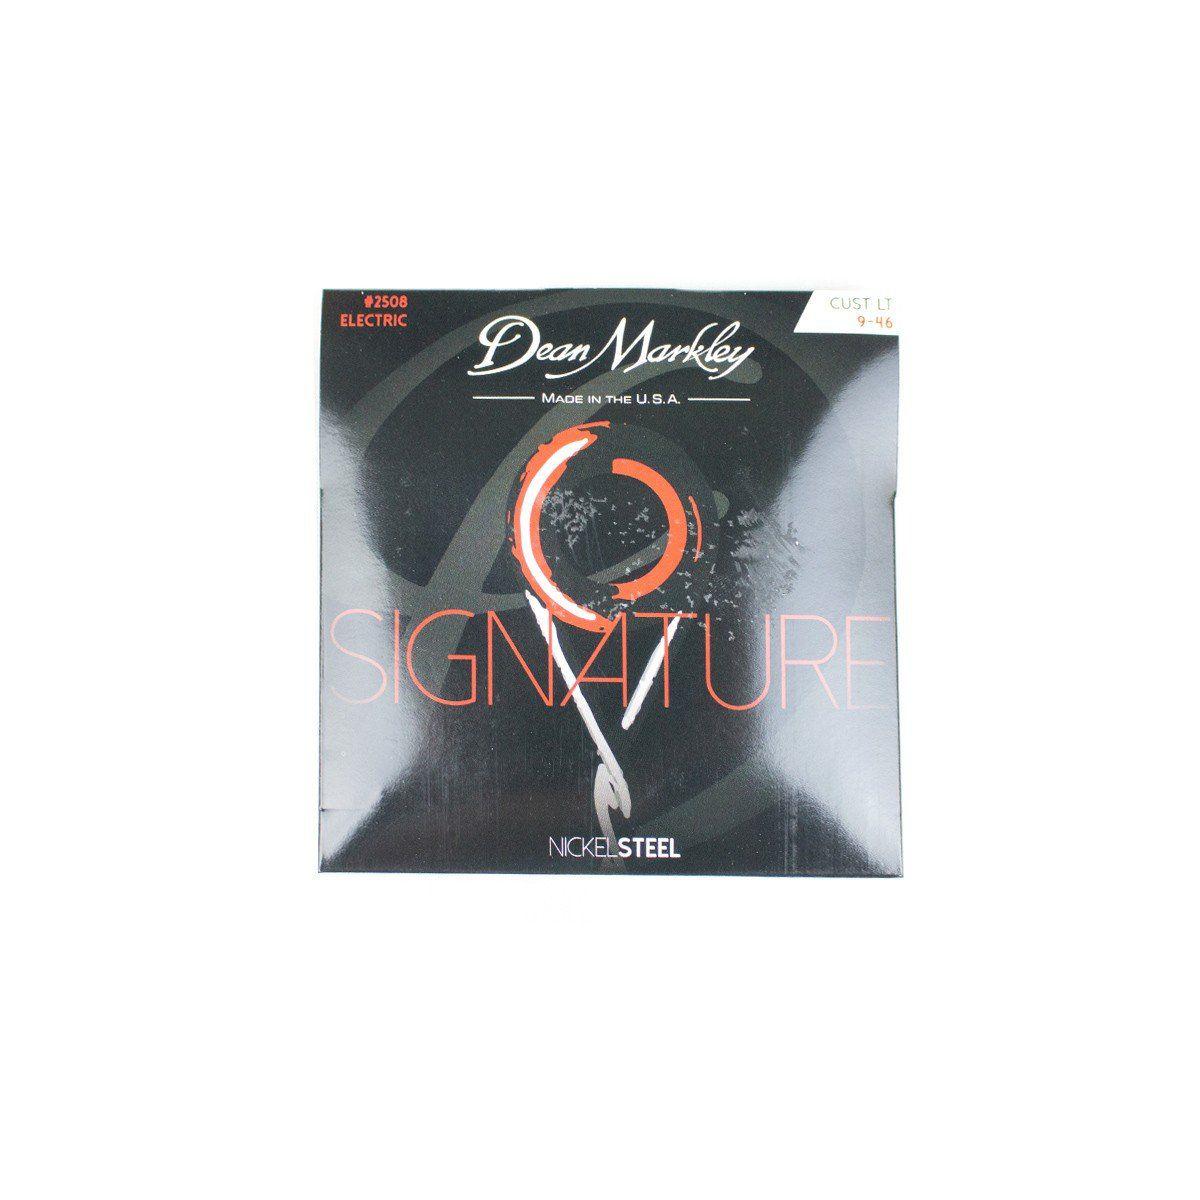 Encordoamento Guitarra Dean Markley Nickel Steel 09 46 - #2508 DEAN MARKLEY